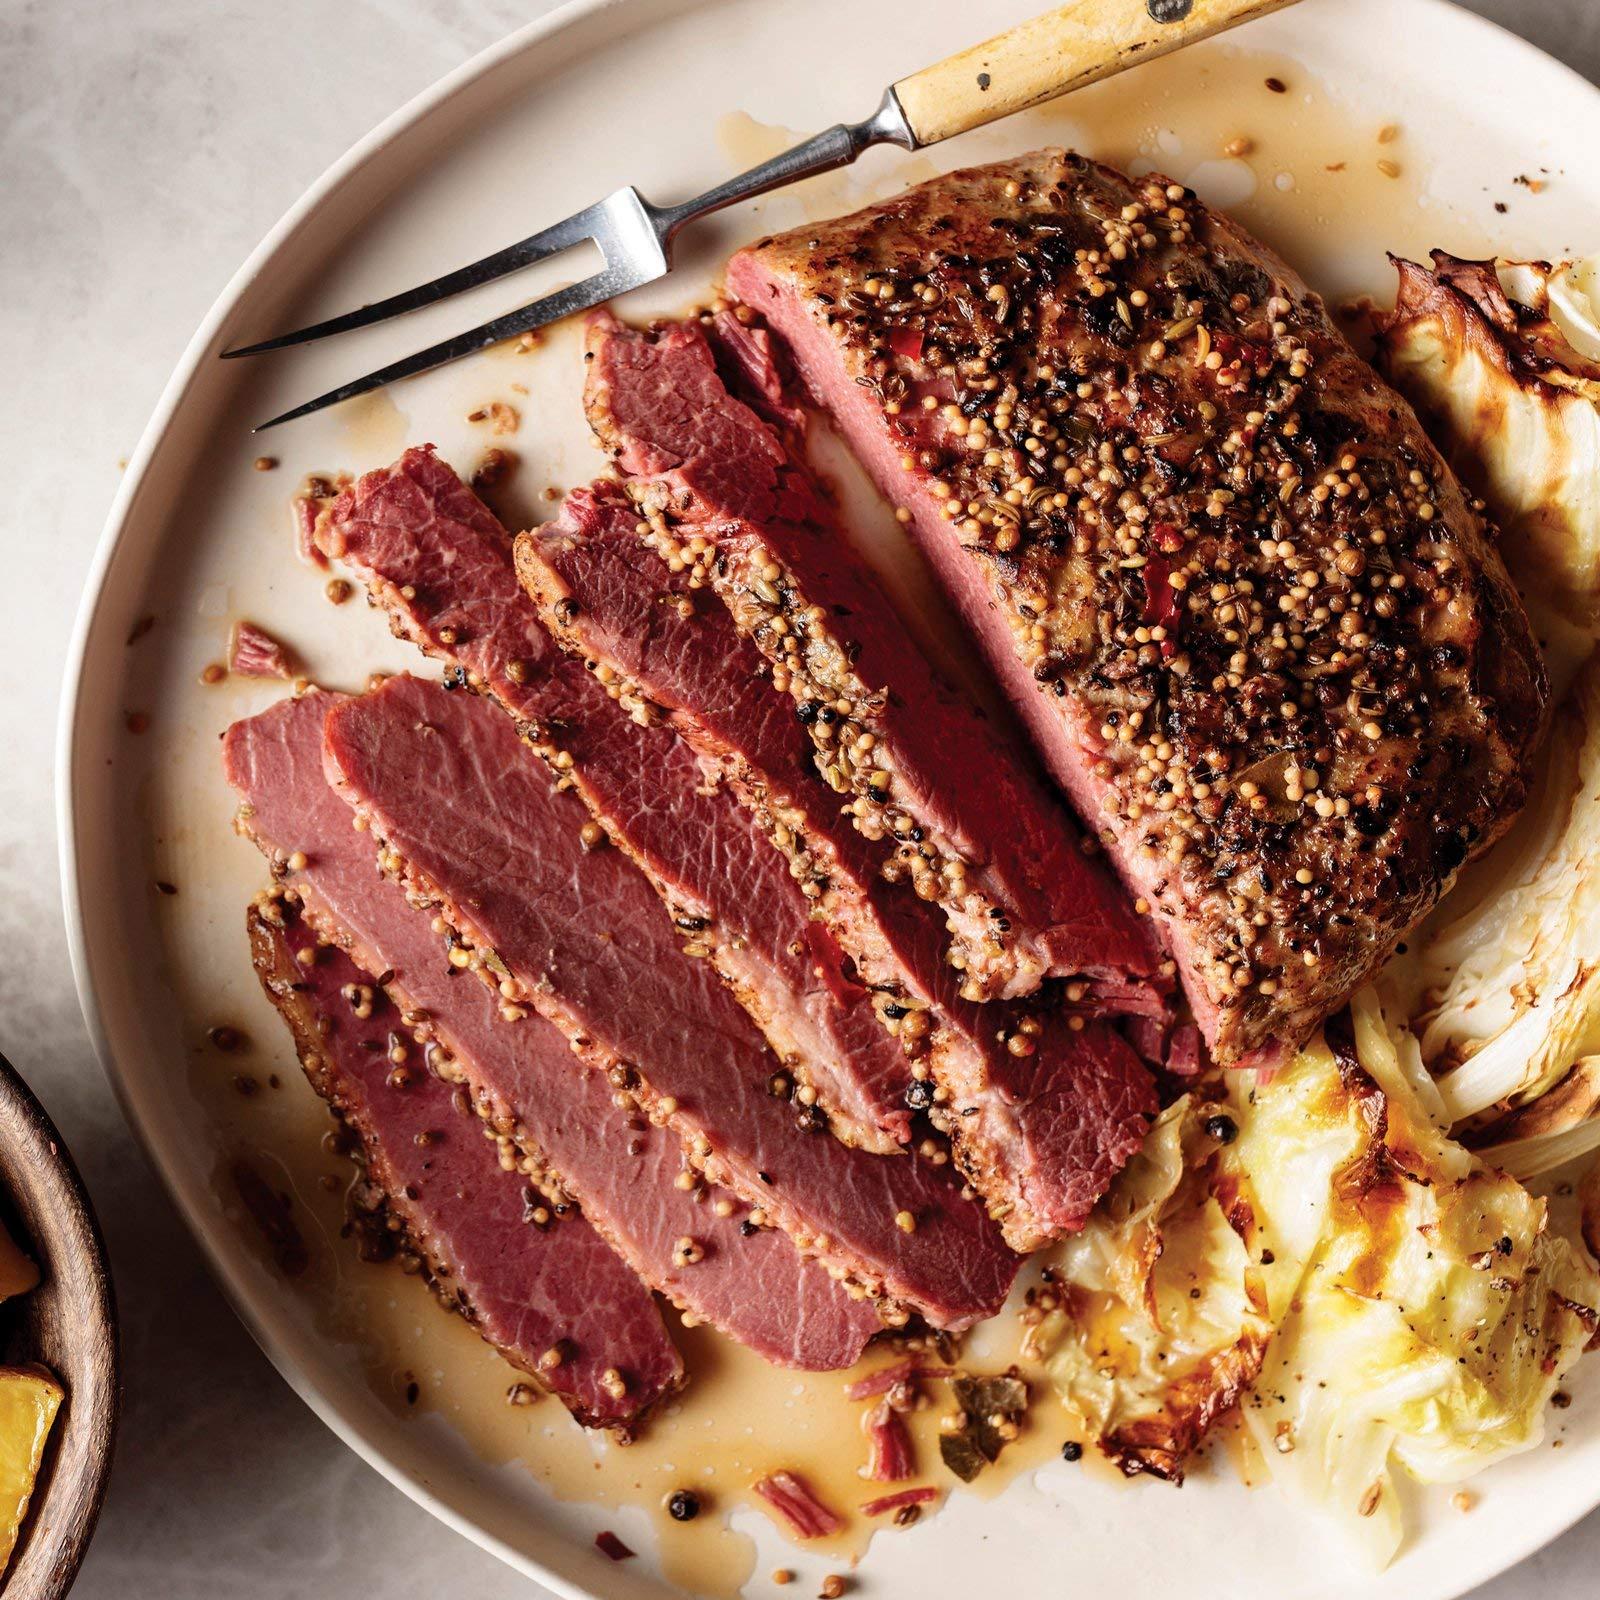 Omaha Steaks 1 (30 oz.) Rustic Corned Beef